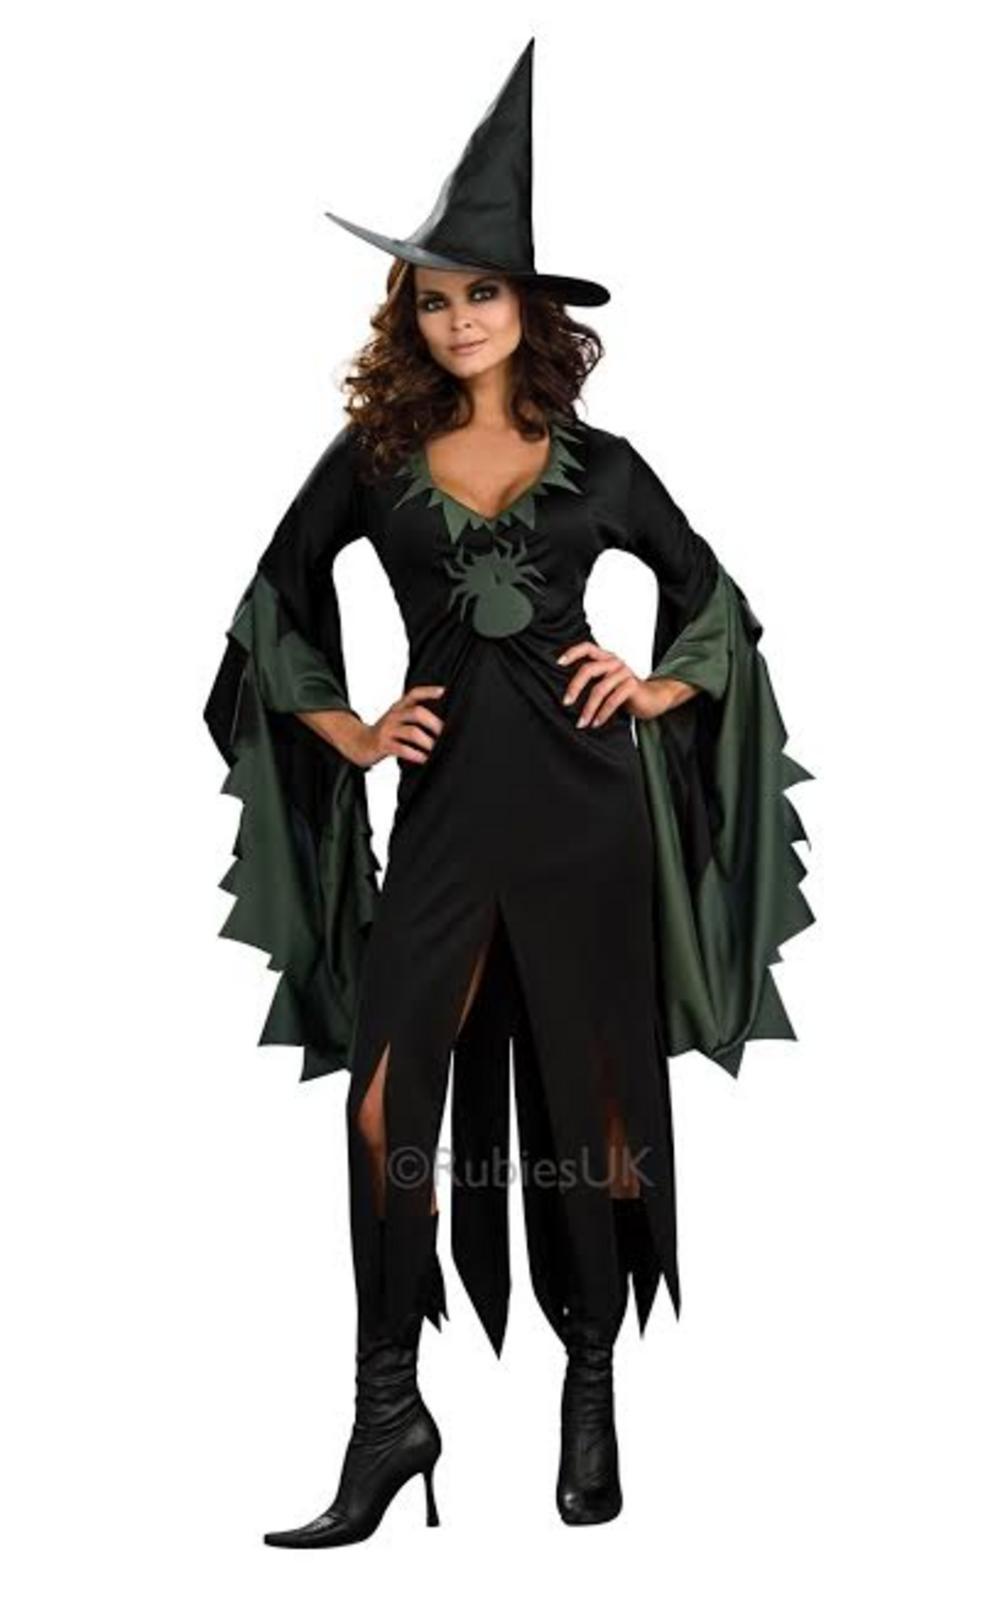 Ladies Enchantra Costume